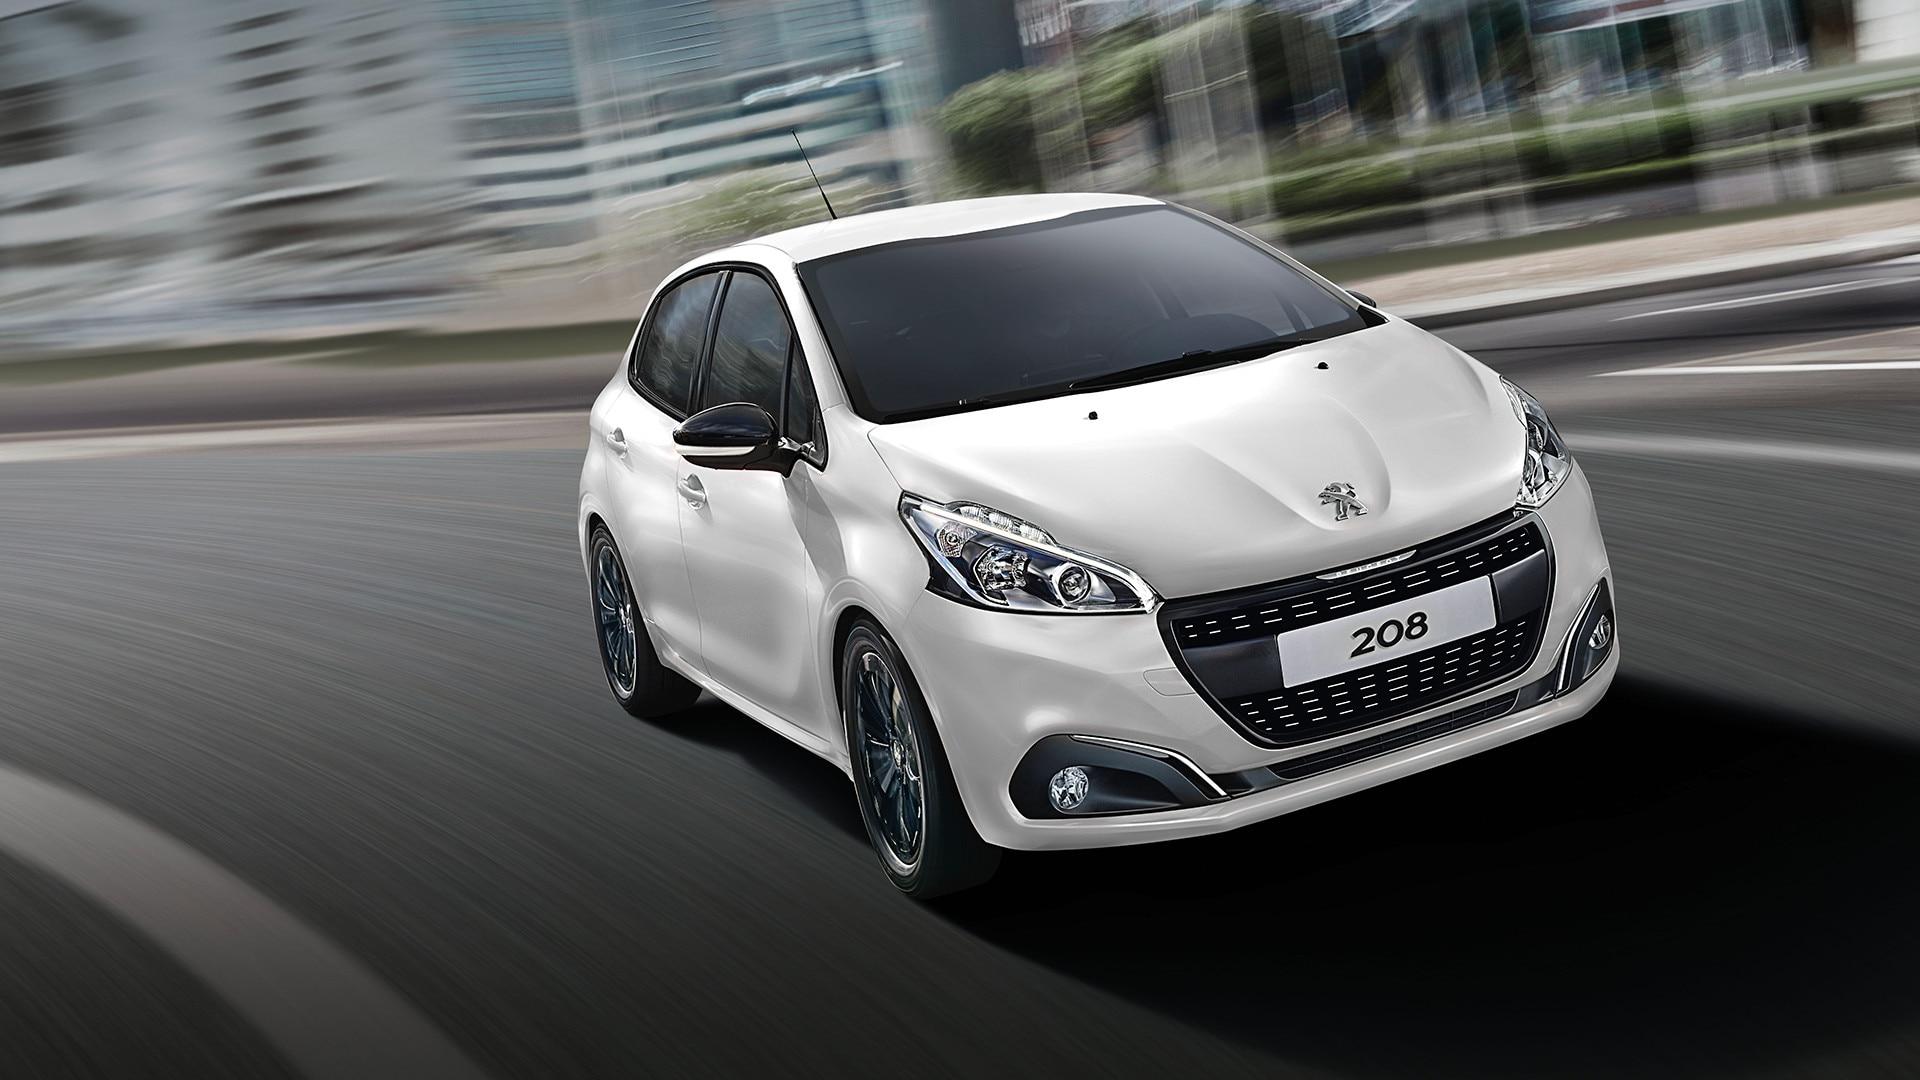 Peugeot 208, 5 porte: la sportiva e compatta con stile unico